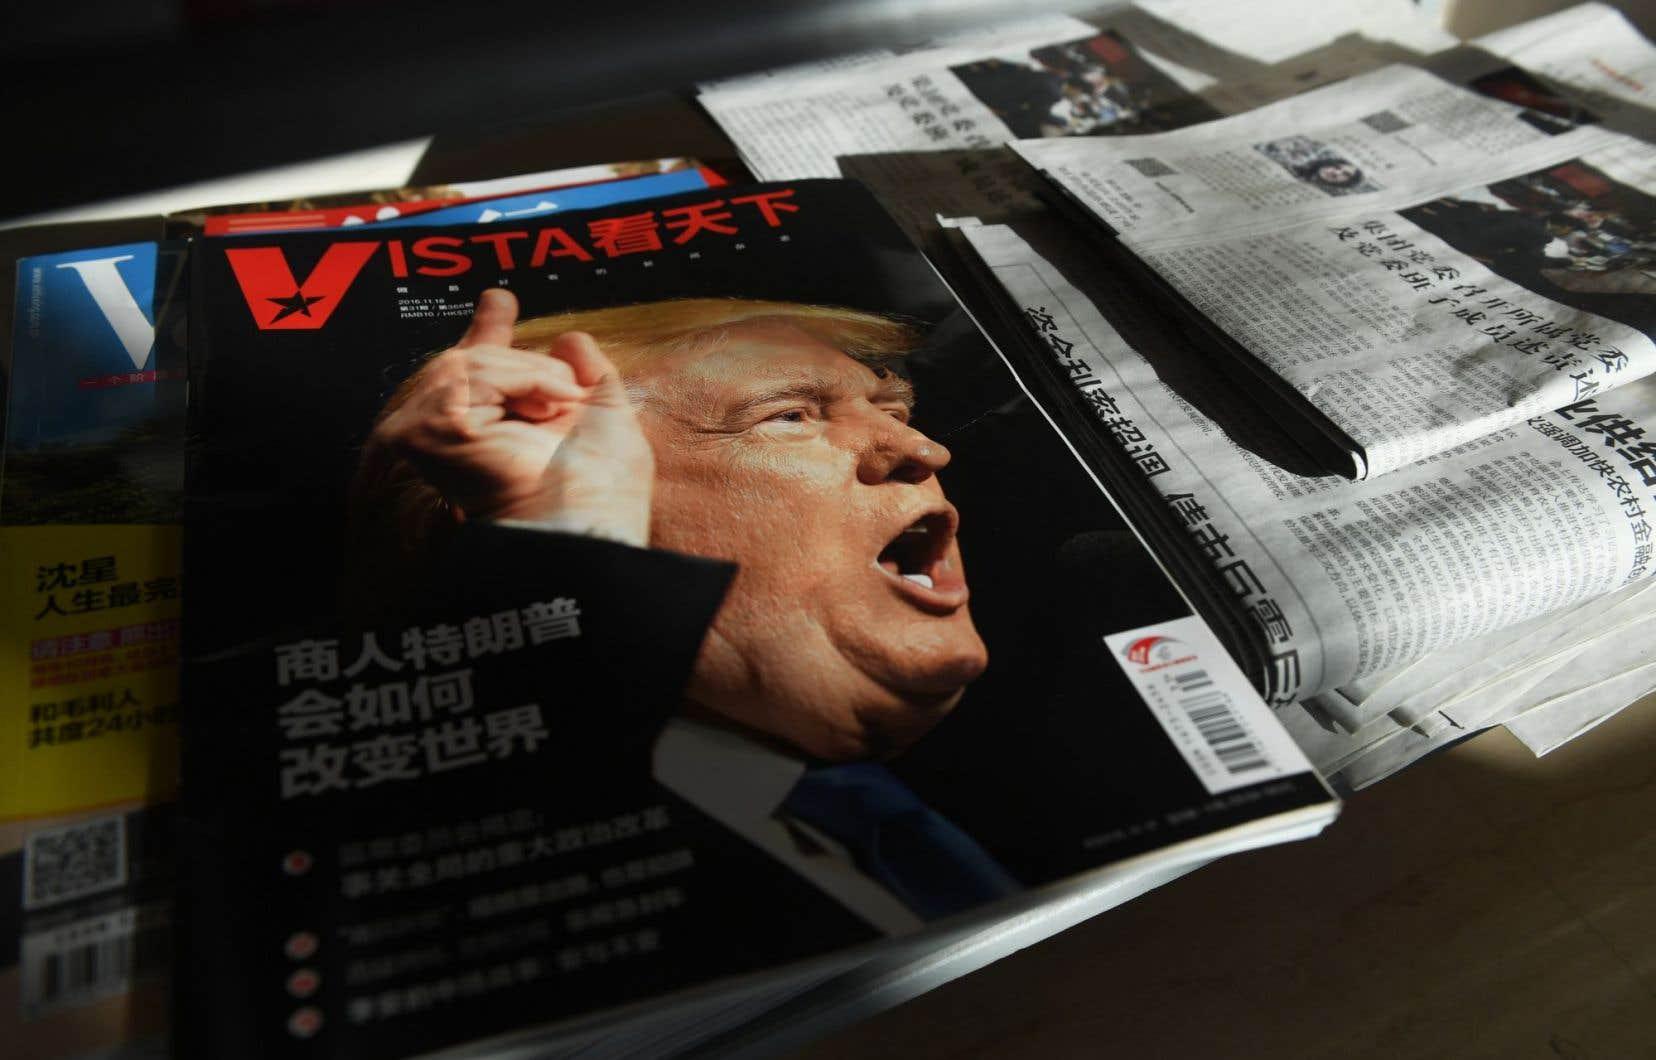 Le nouveau président Donald Trump a promis que dès son premier jour à la Maison-Blanche il ferait inscrire la Chine sur la liste des manipulateurs de devises.